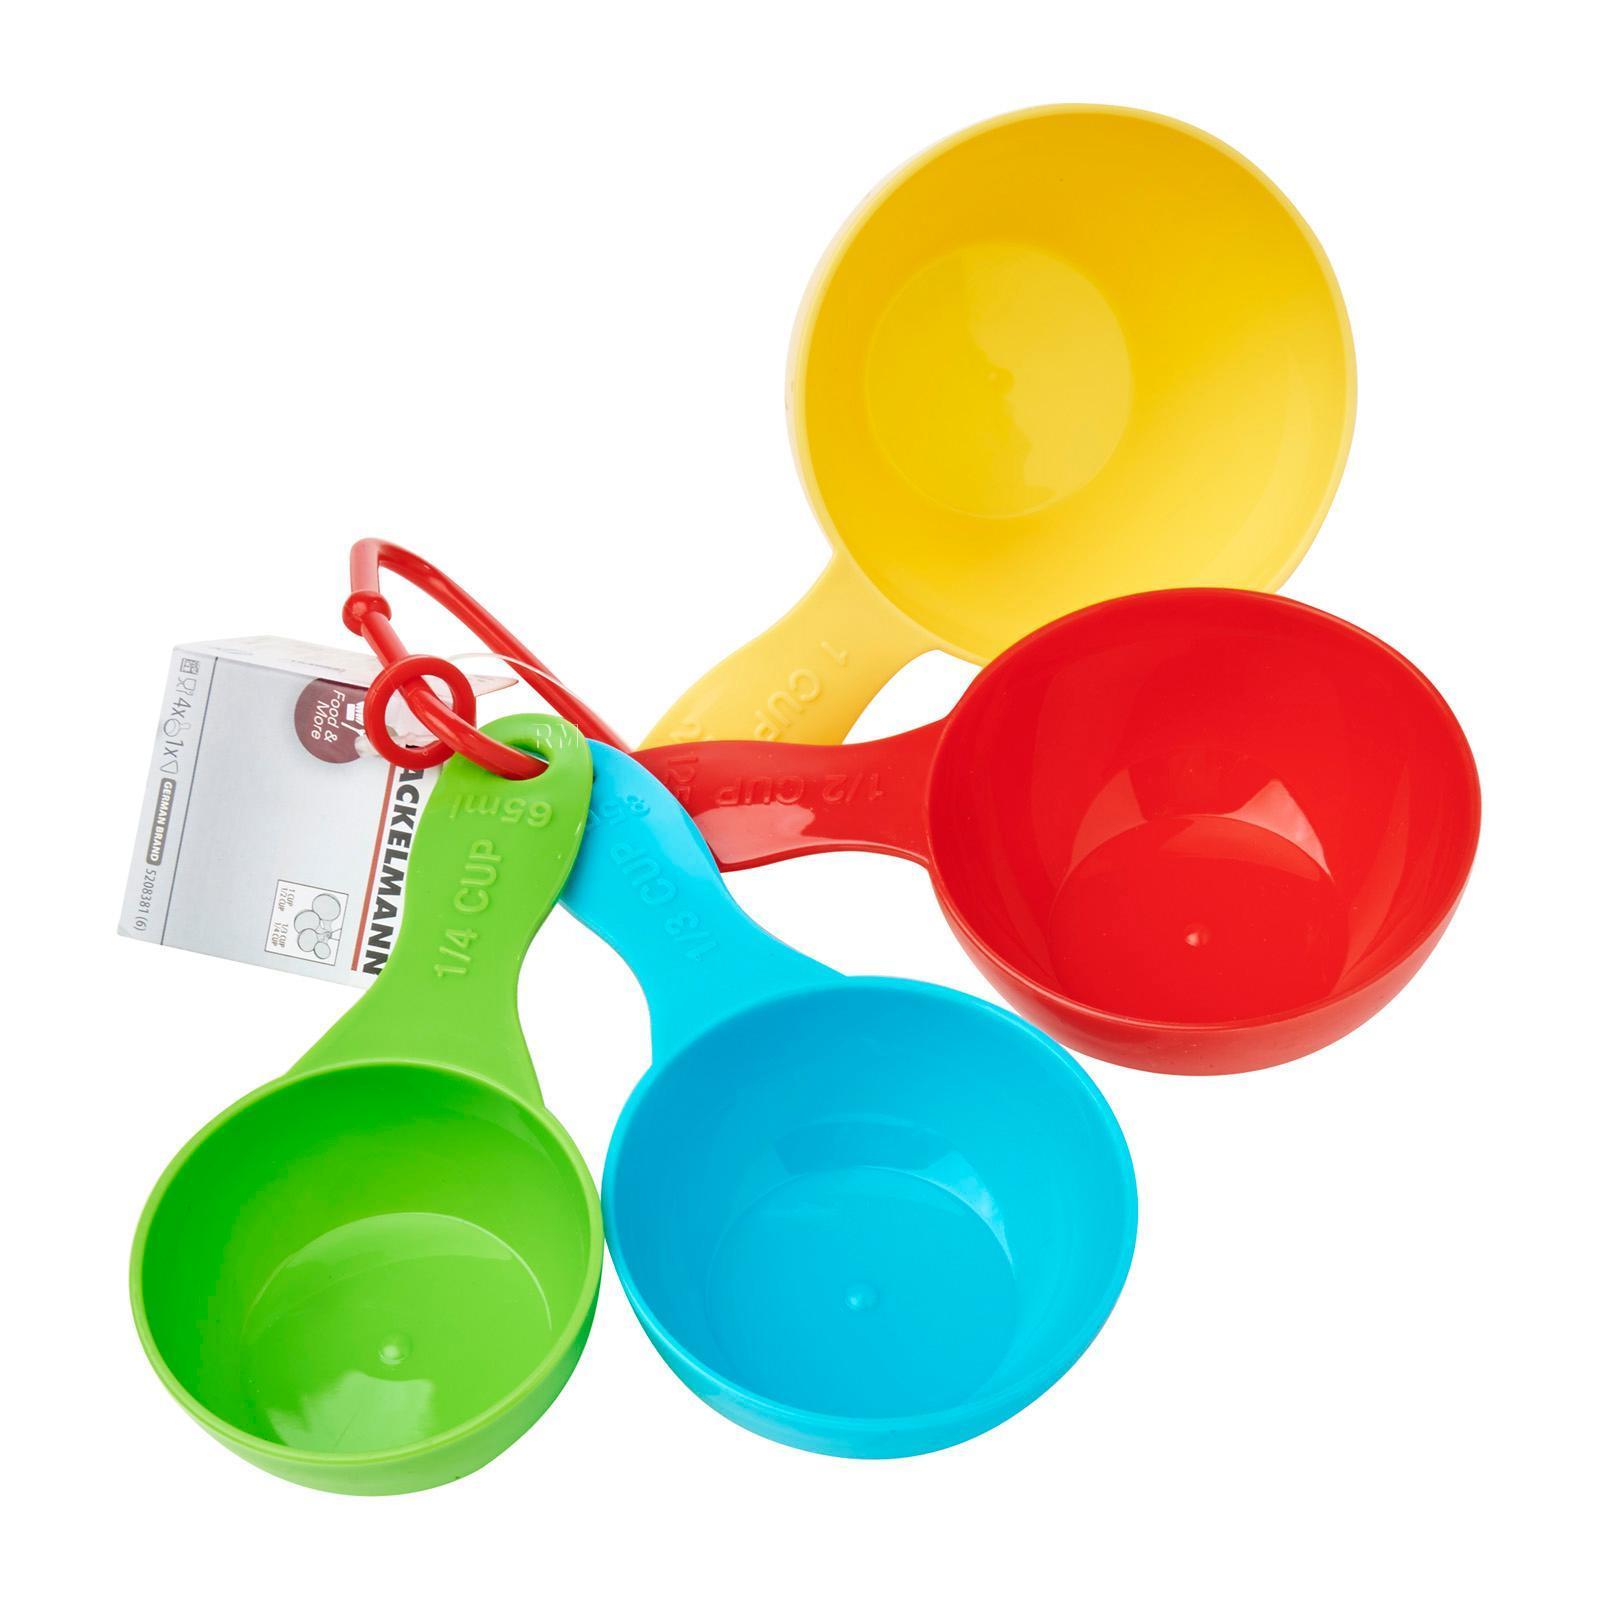 Fackelmann Candy Zenker Set Of 4 Measuring Cups